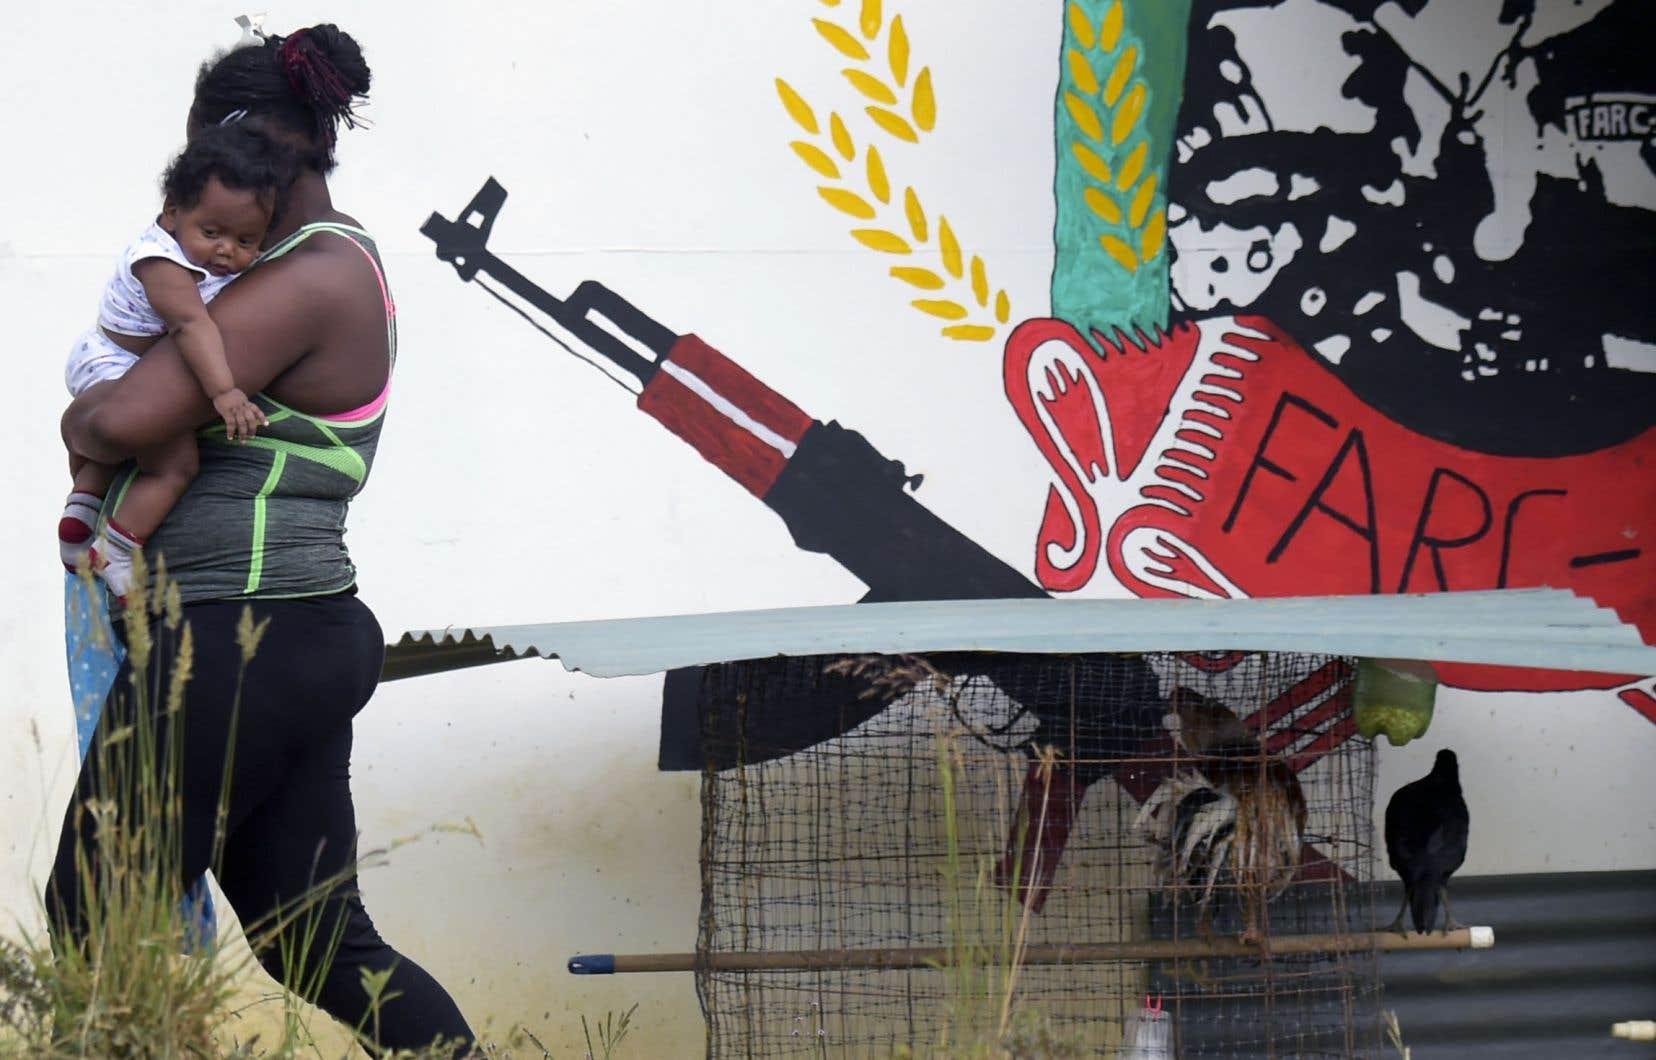 L'accord de paix avec les Farc-ep demeure fragile, rappelle l'auteure.